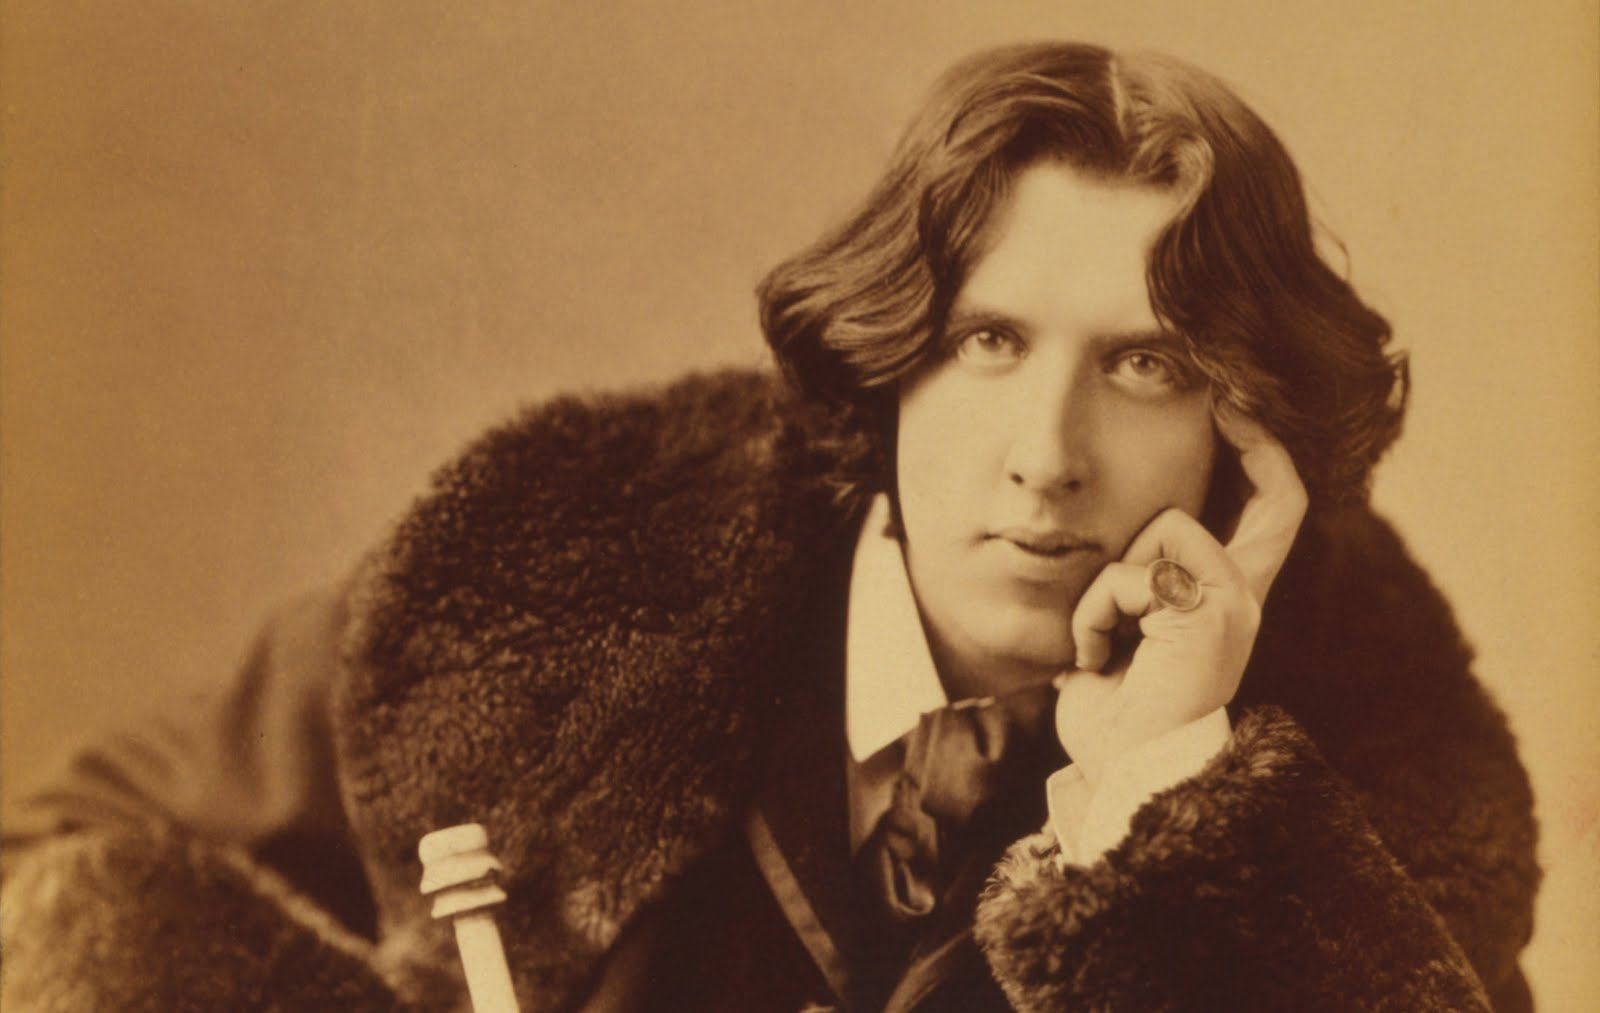 Αυτογνωσία: Λόγια σοφίας από τον Oskar Wilde | Άνθια Χριστοδούλου Θεοφίλου | Anthia.net